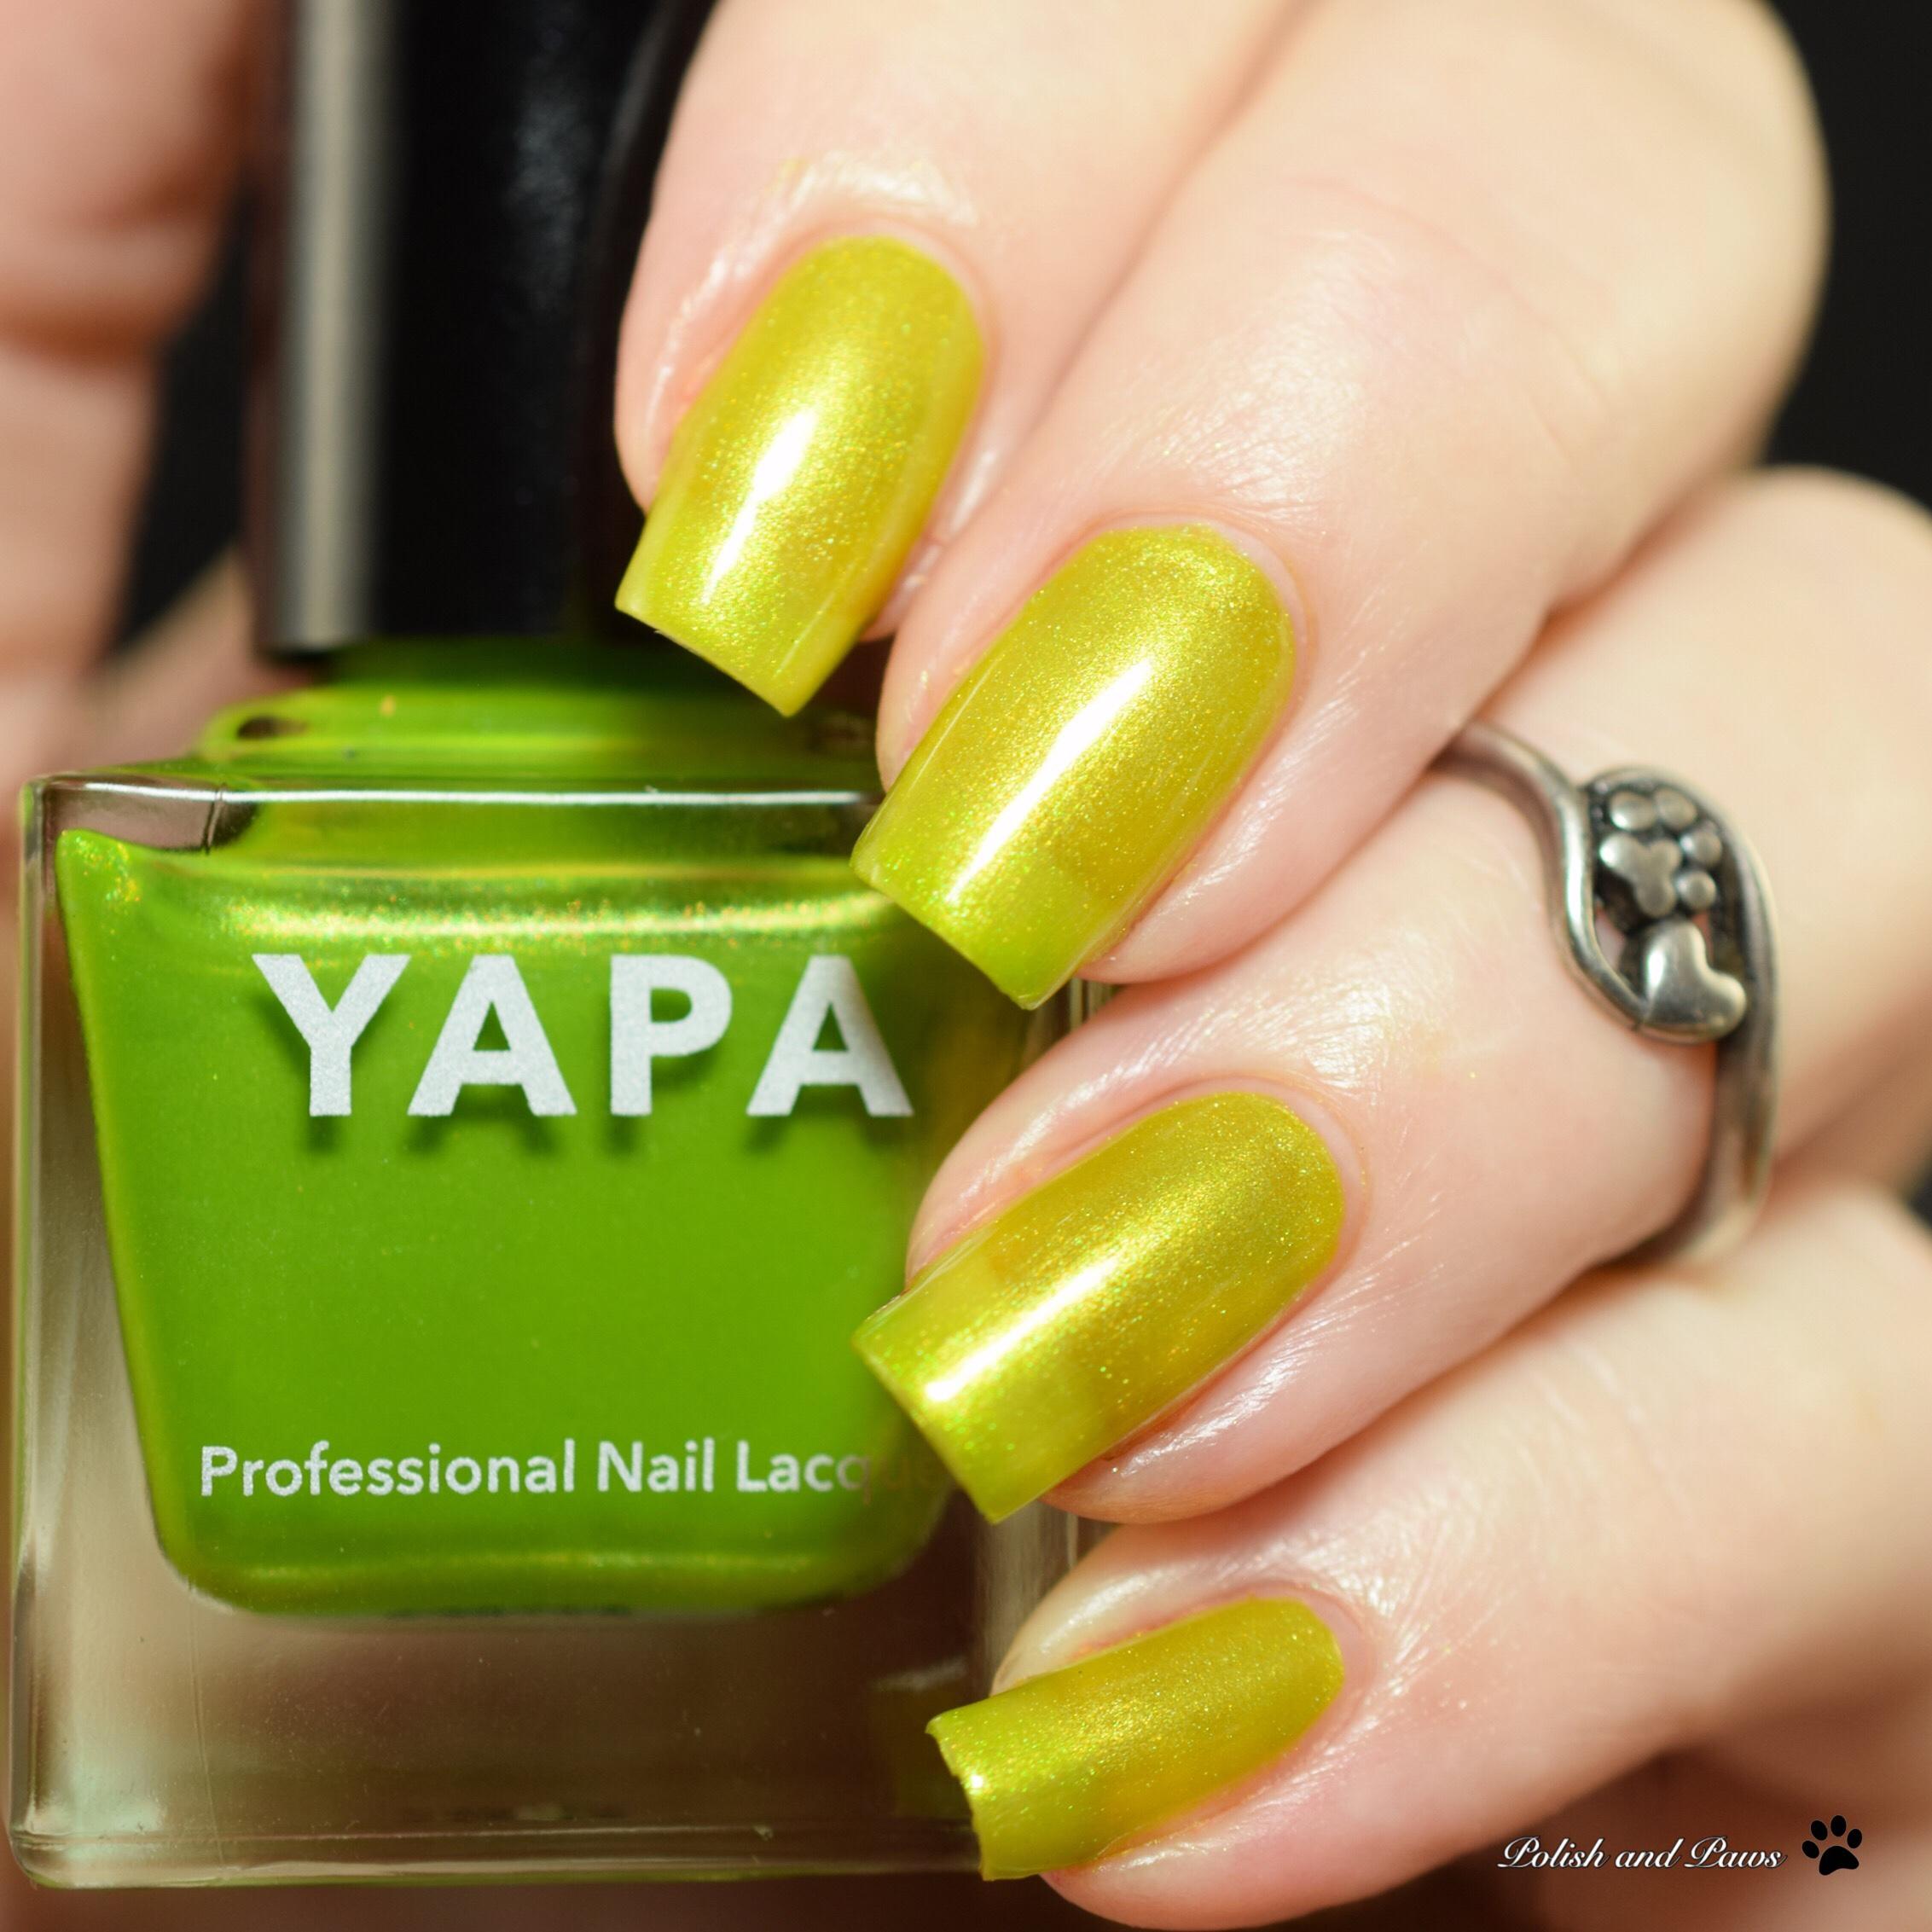 YAPA Nail Polish Clover